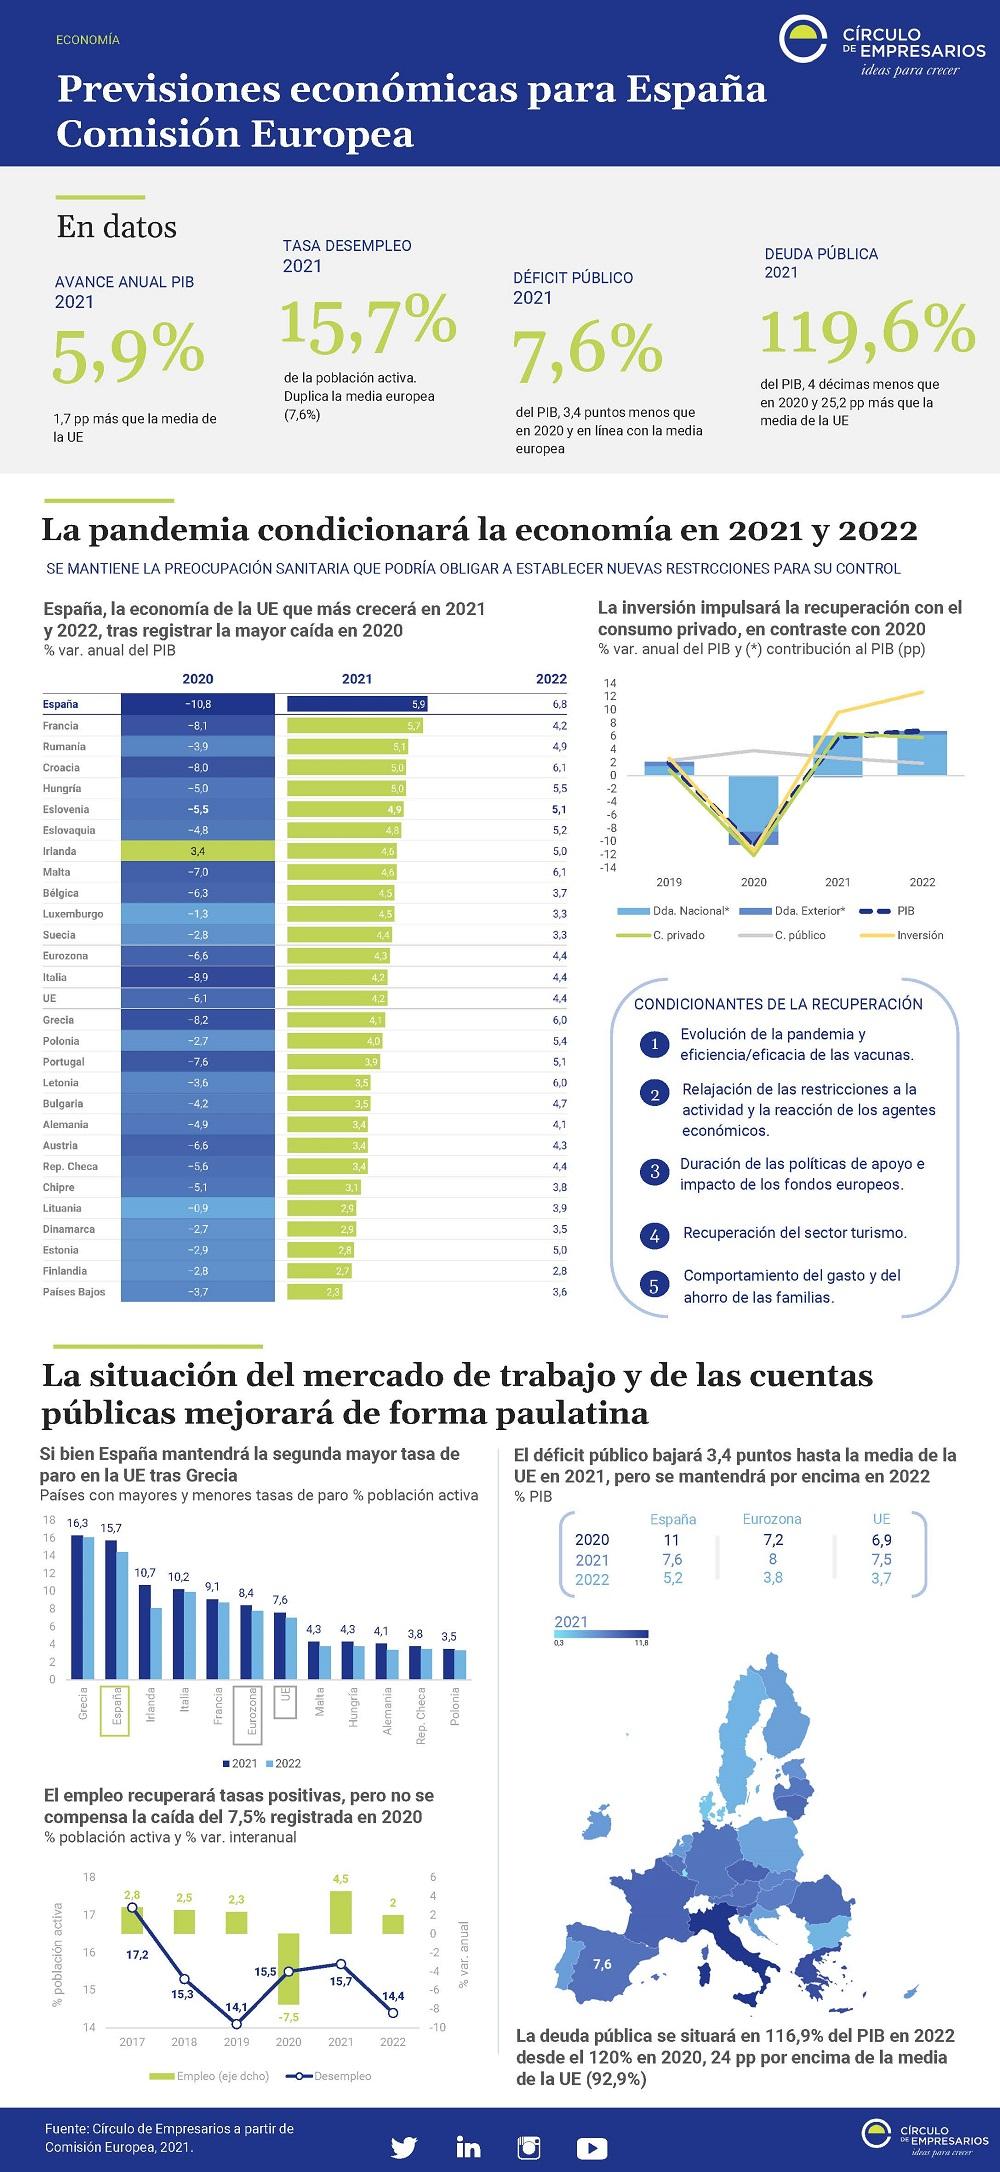 Previsiones-economicas-para-Espana-Comision-Europea-Infografia-Mayo-2021-Circulo-de-Empresarios